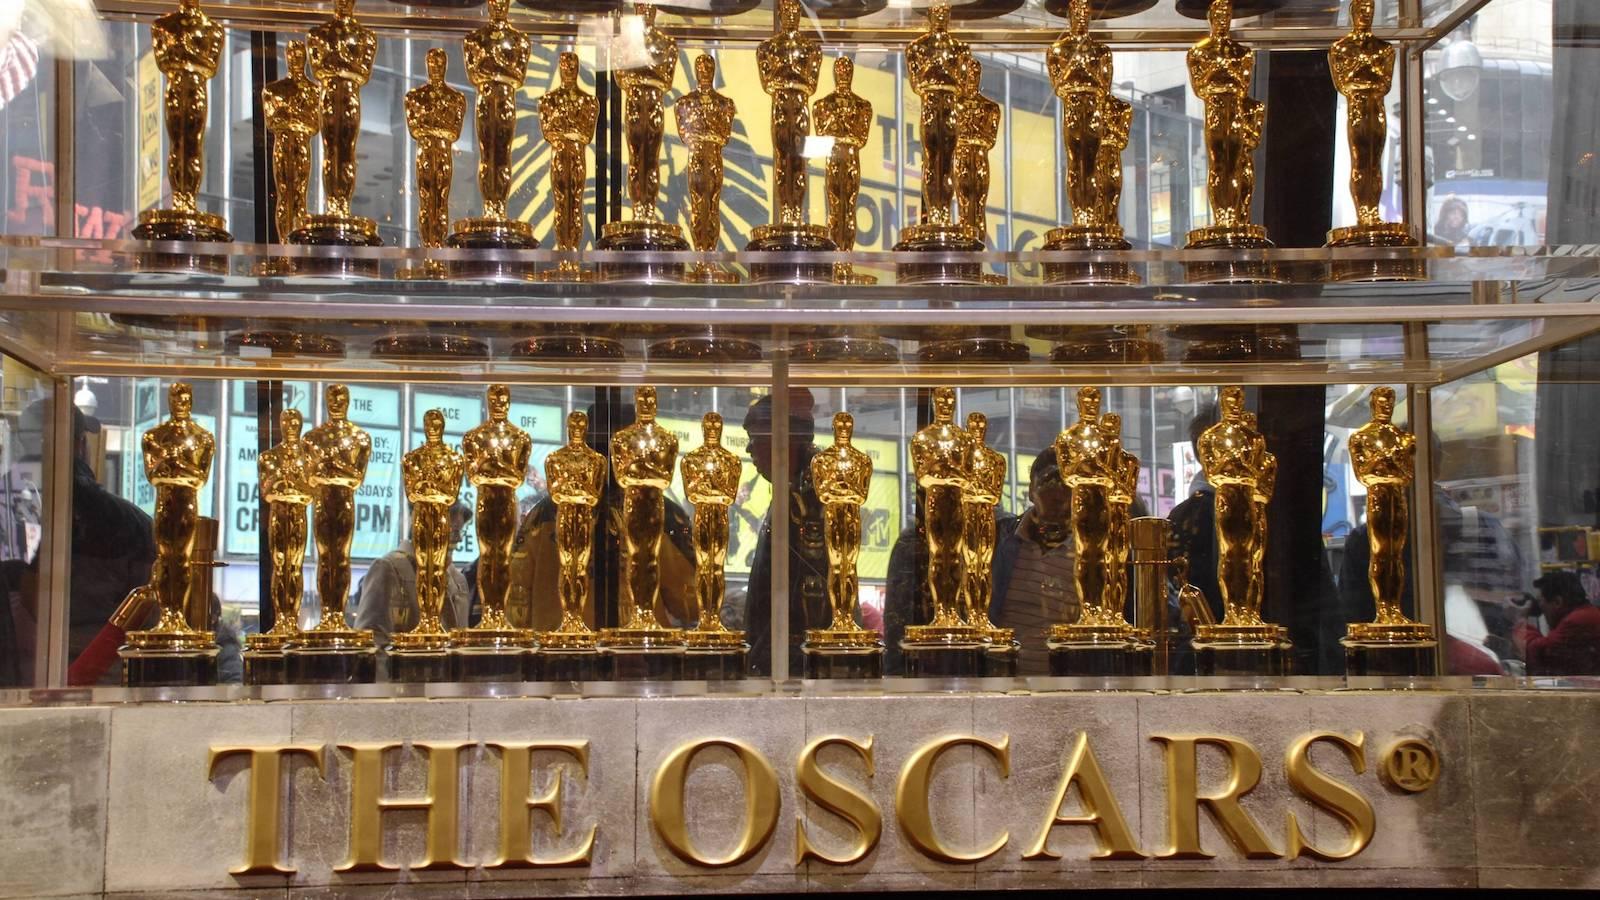 Das sind die wichtigsten Kategorien der Oscars